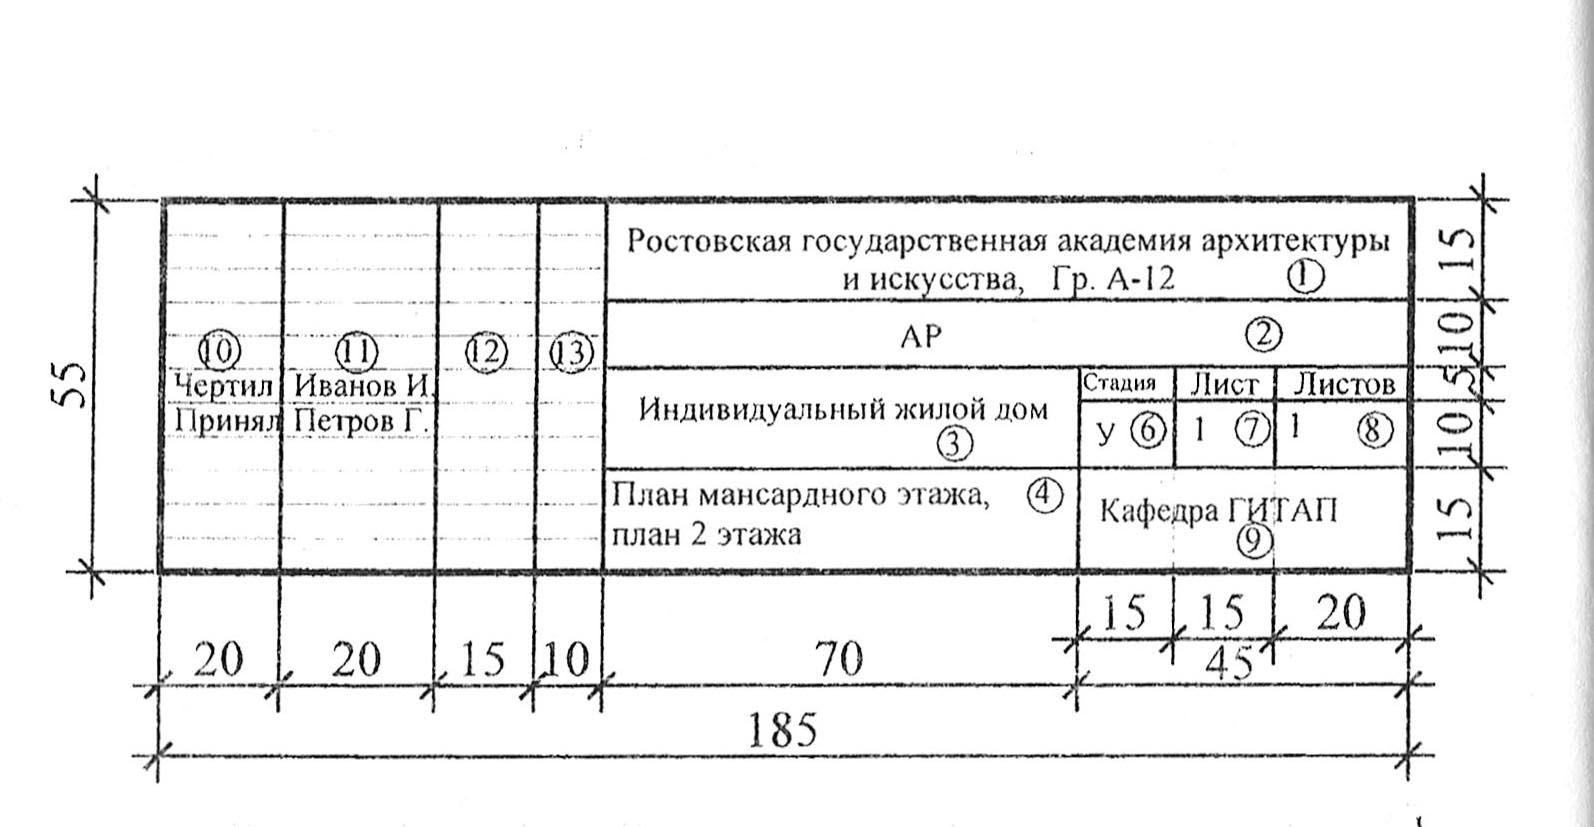 Заполнение рамки курсовой работы 2709